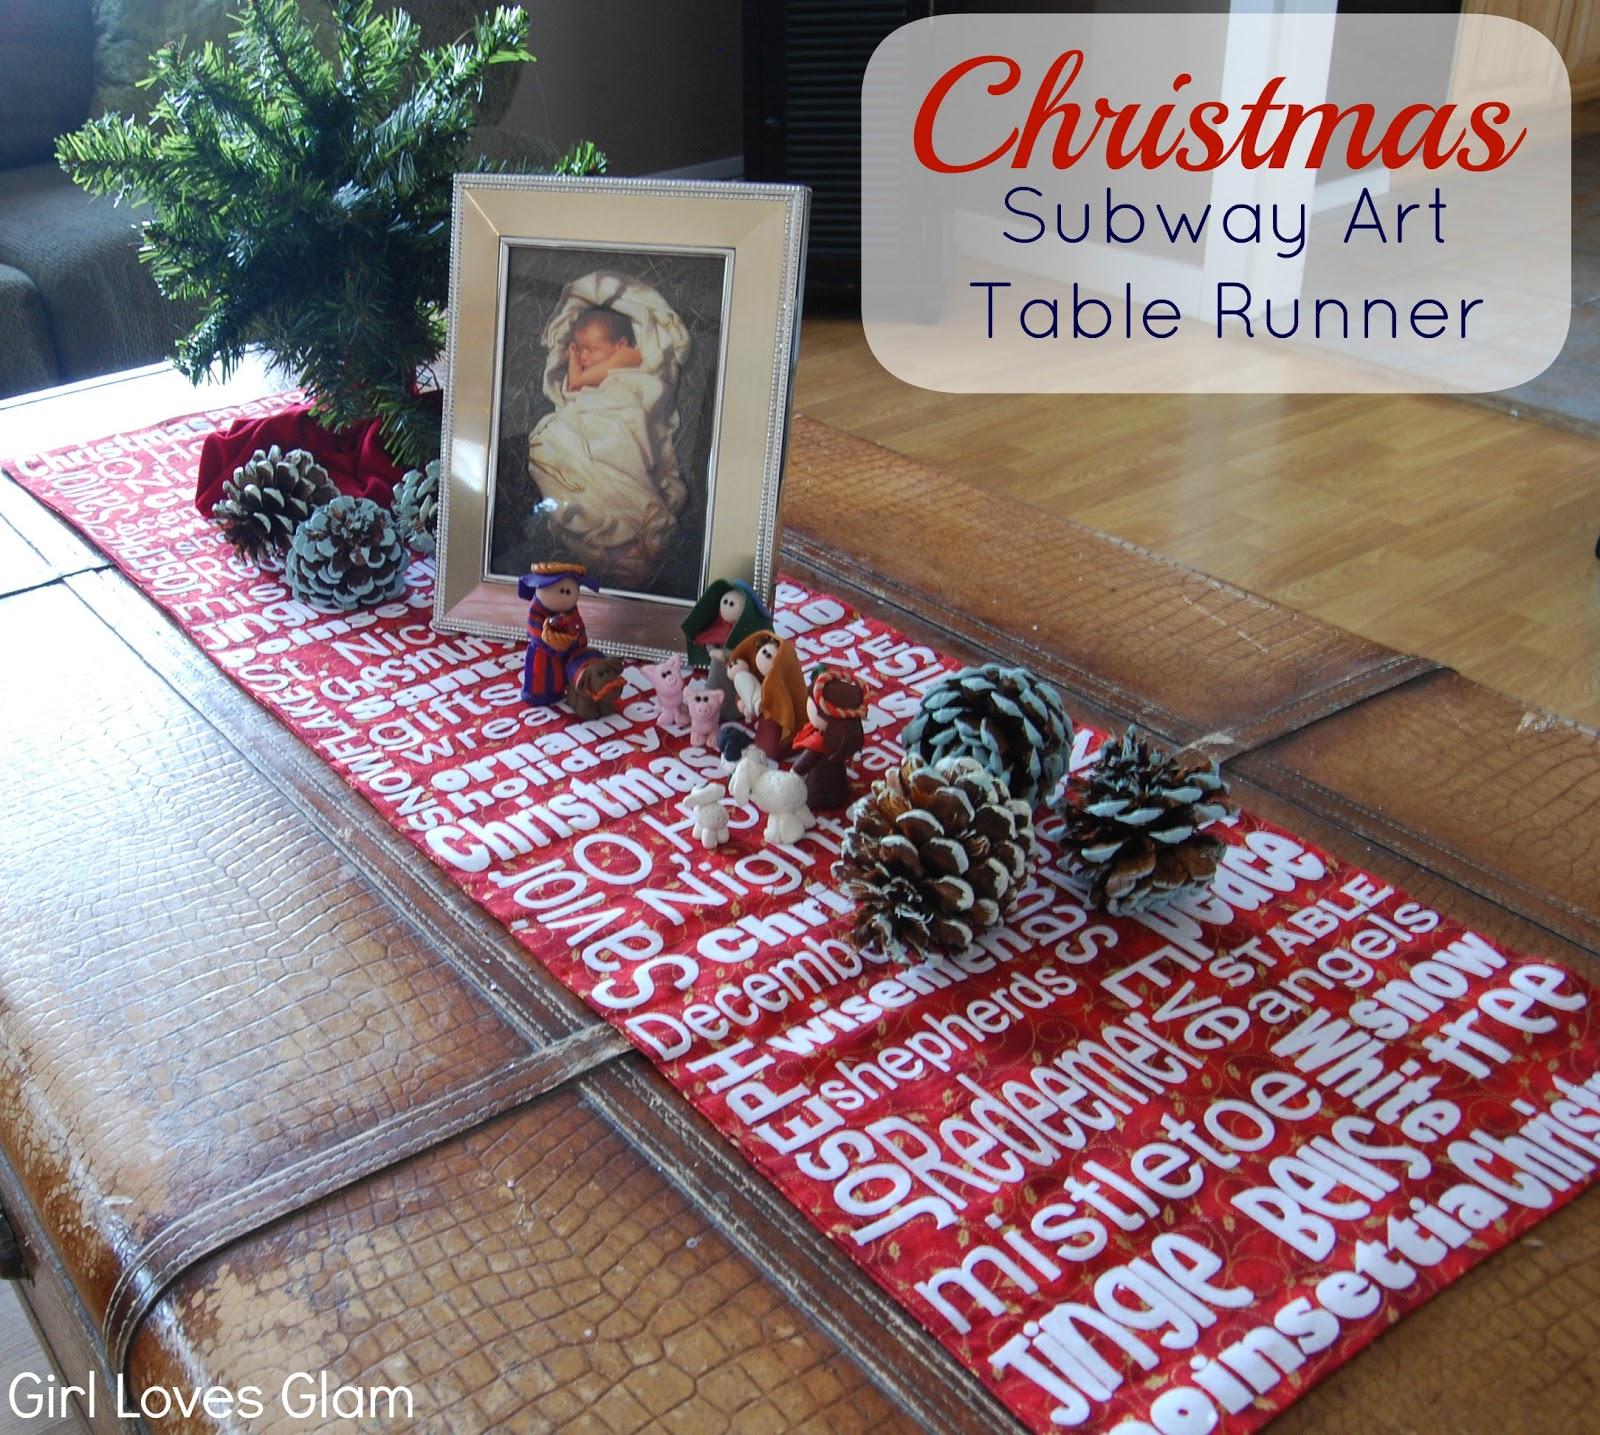 christmas subway art table runner girl loves glam. Black Bedroom Furniture Sets. Home Design Ideas